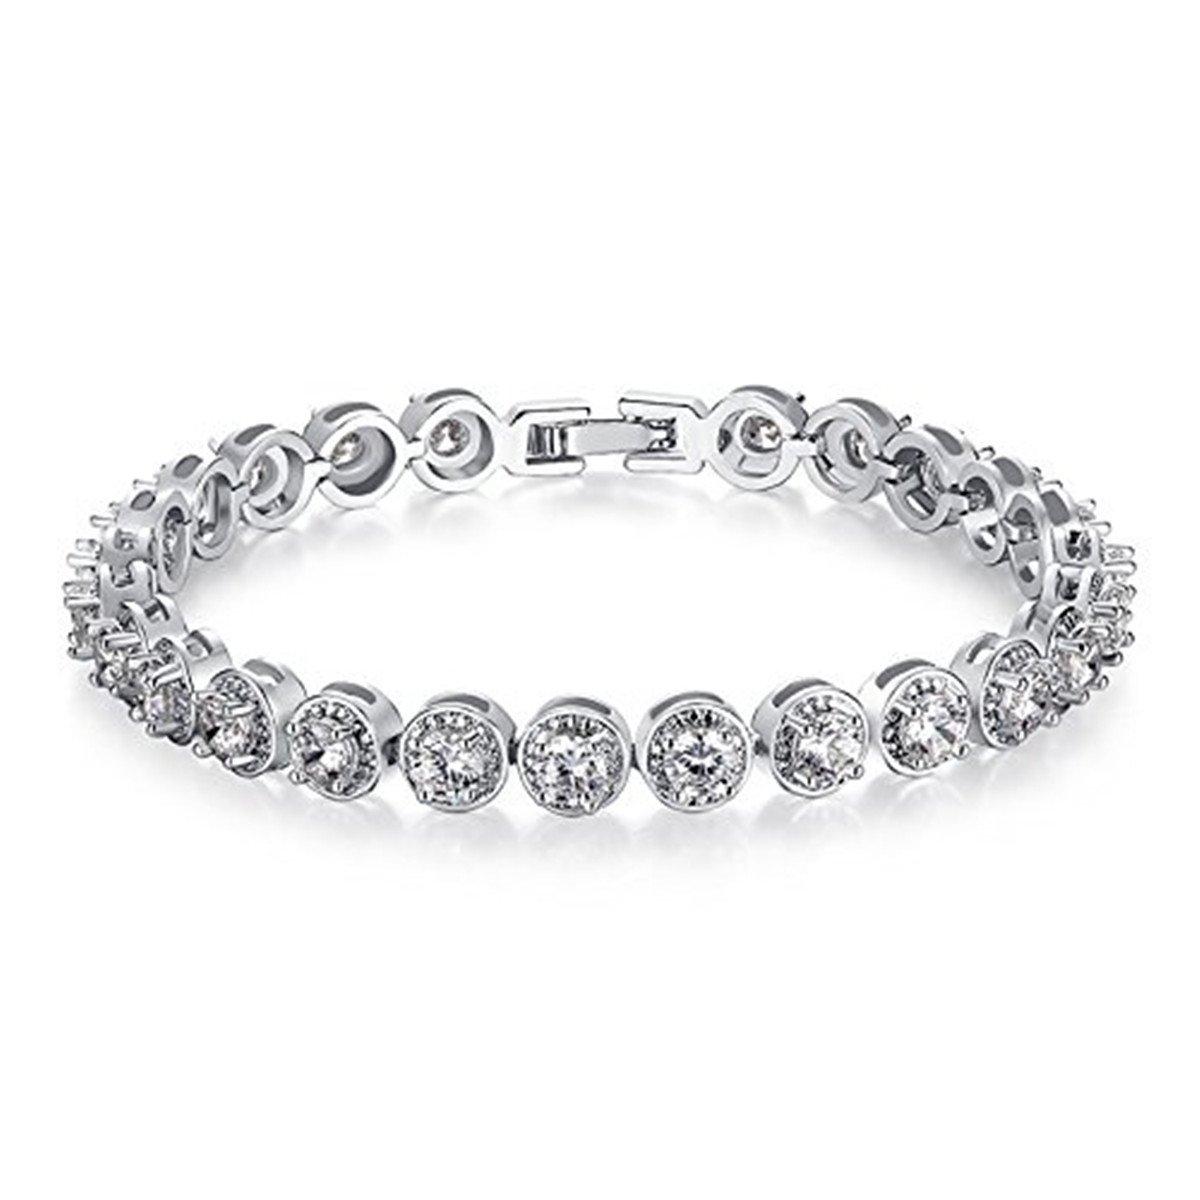 Gorgeous Round CZ Austrian Crystal Bridal Tennis Bracelet Wedding Women Jewelry Set Ubeauty1999 UJIB055